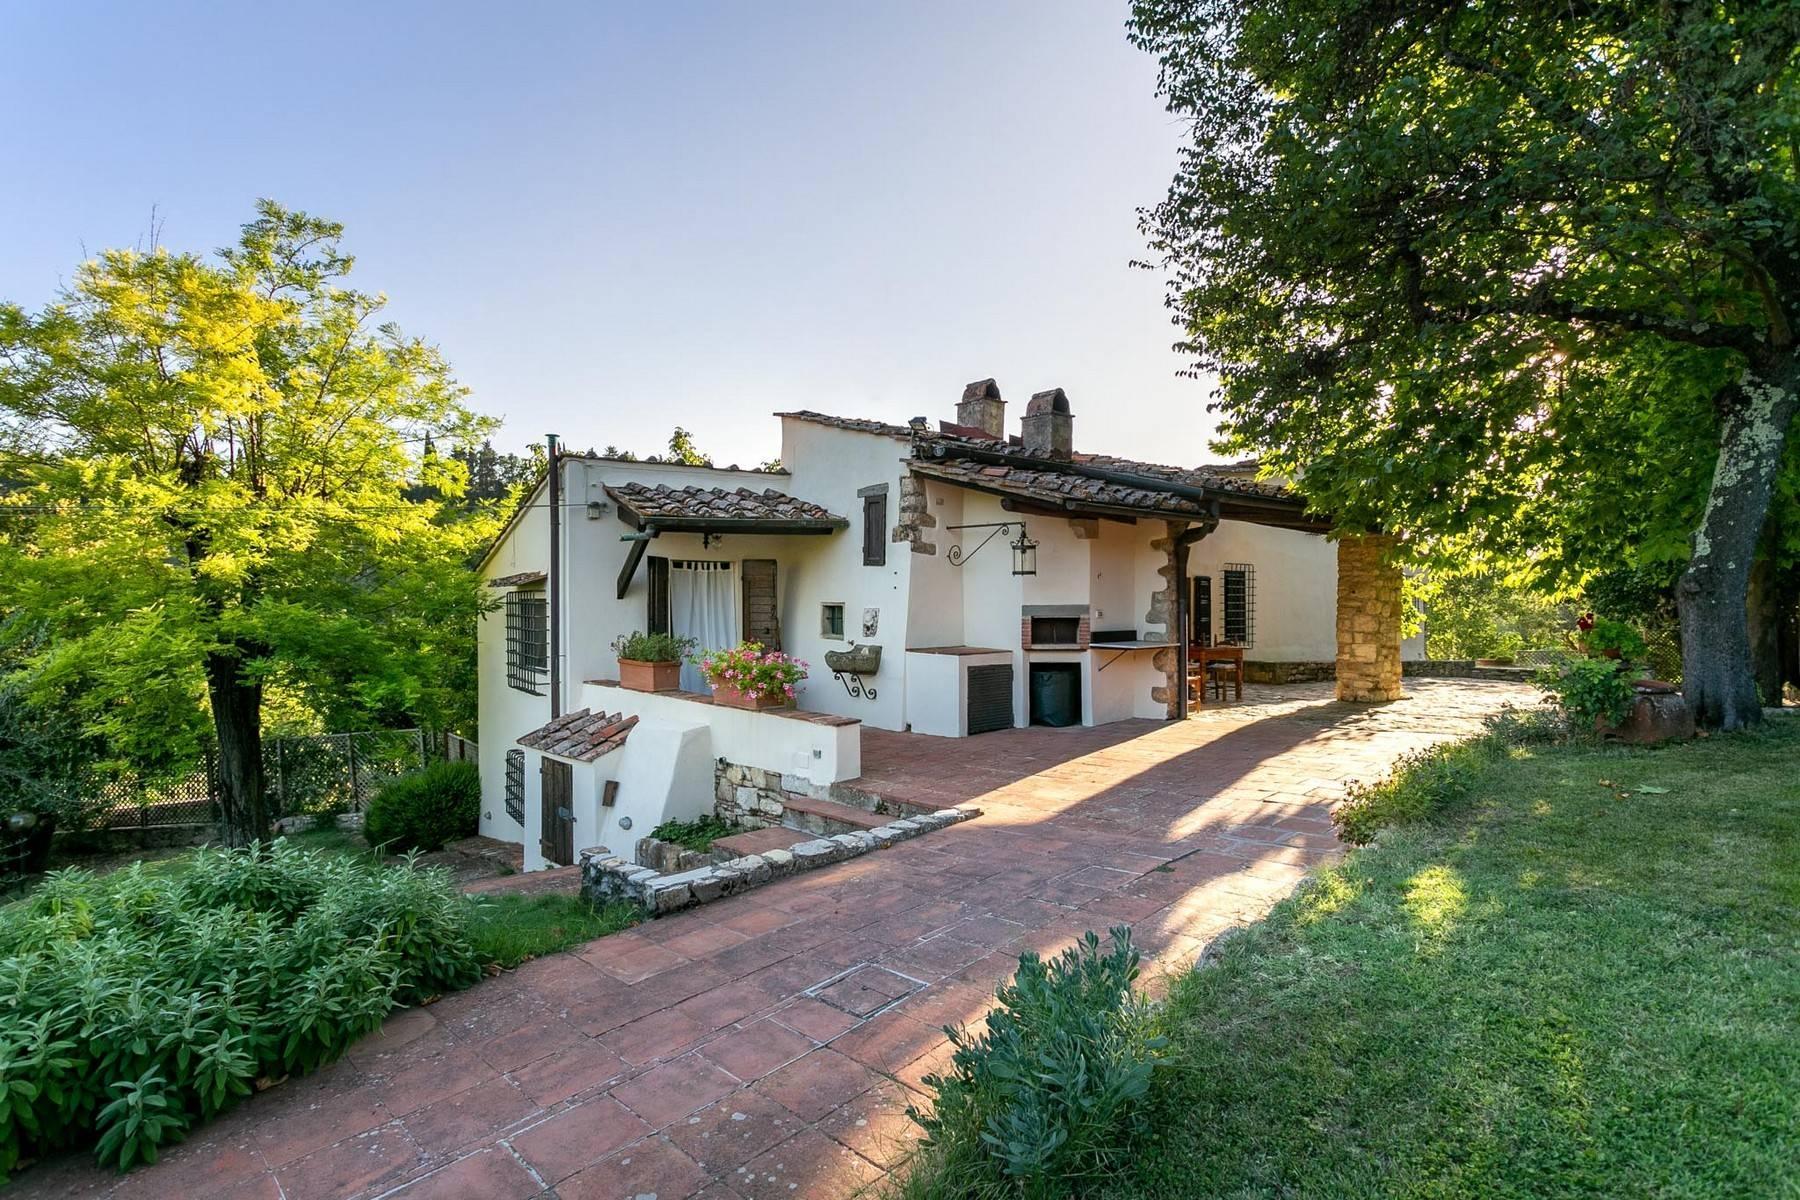 Villa mitten im Grünen in der Nähe von Florenz - 1